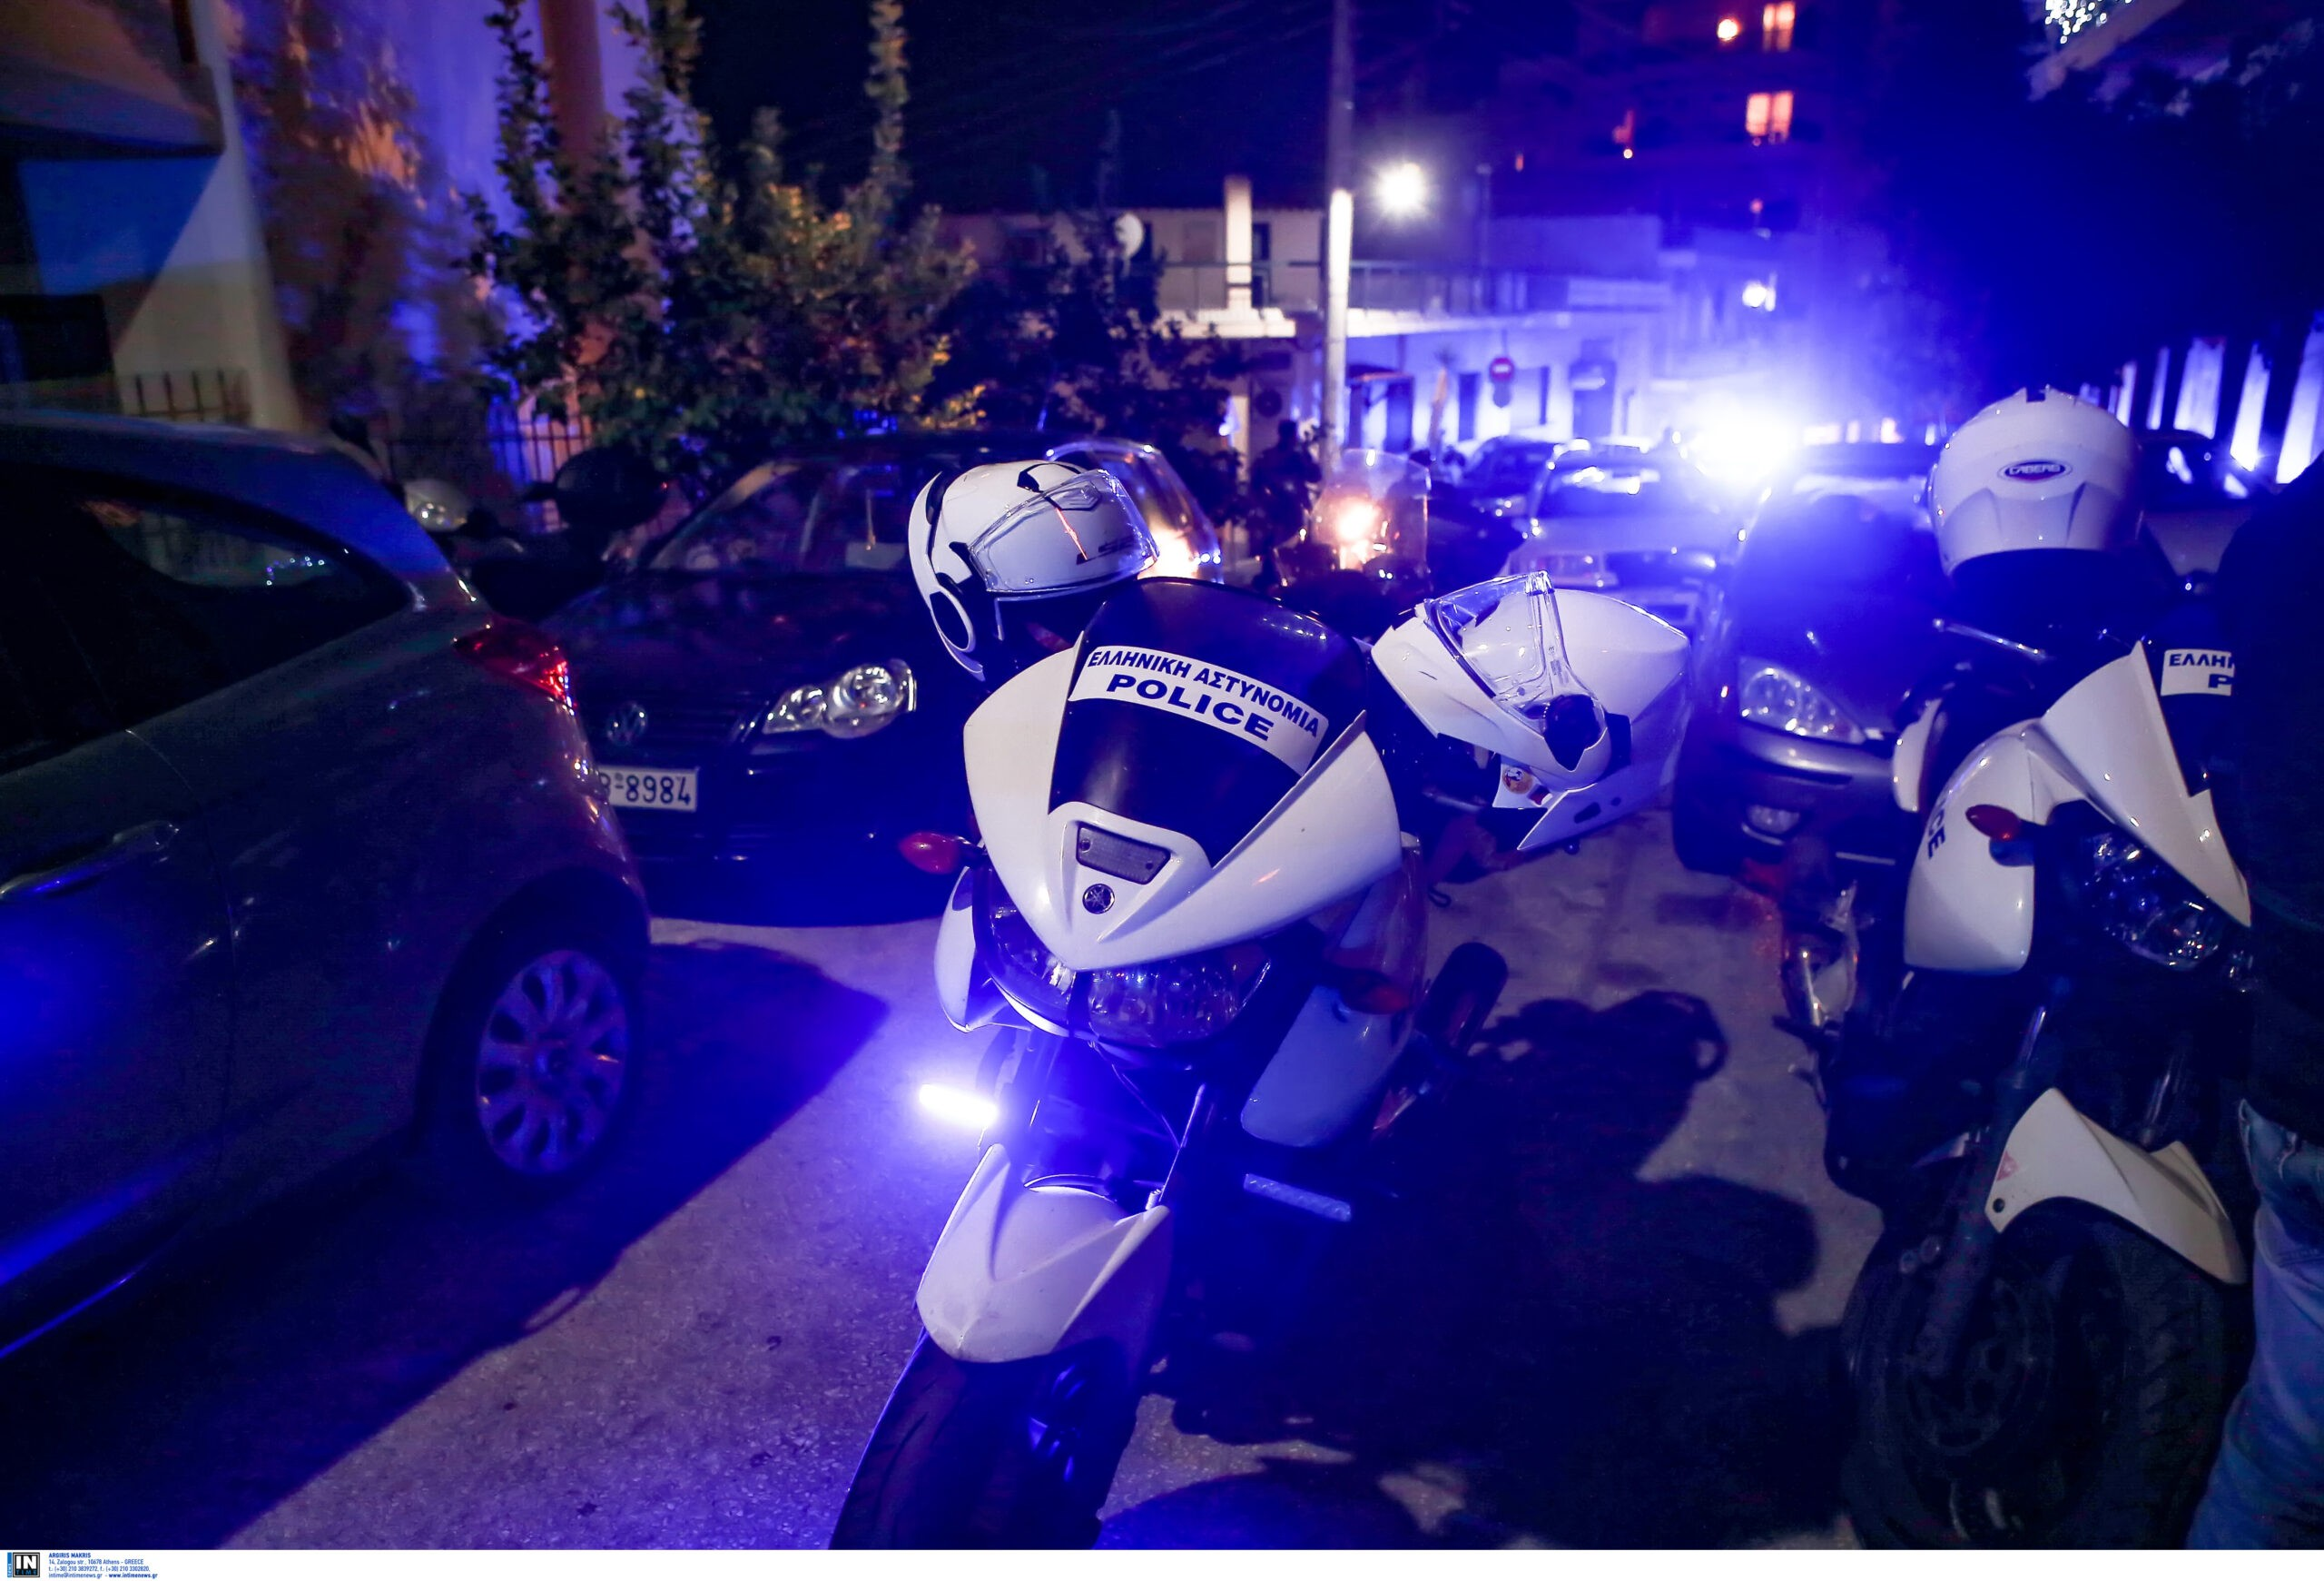 Ο serial killer των οδηγών ταξί στην Κηφισιά παραμένει ελεύθερος με την αστυνομία να αδιαφορεί